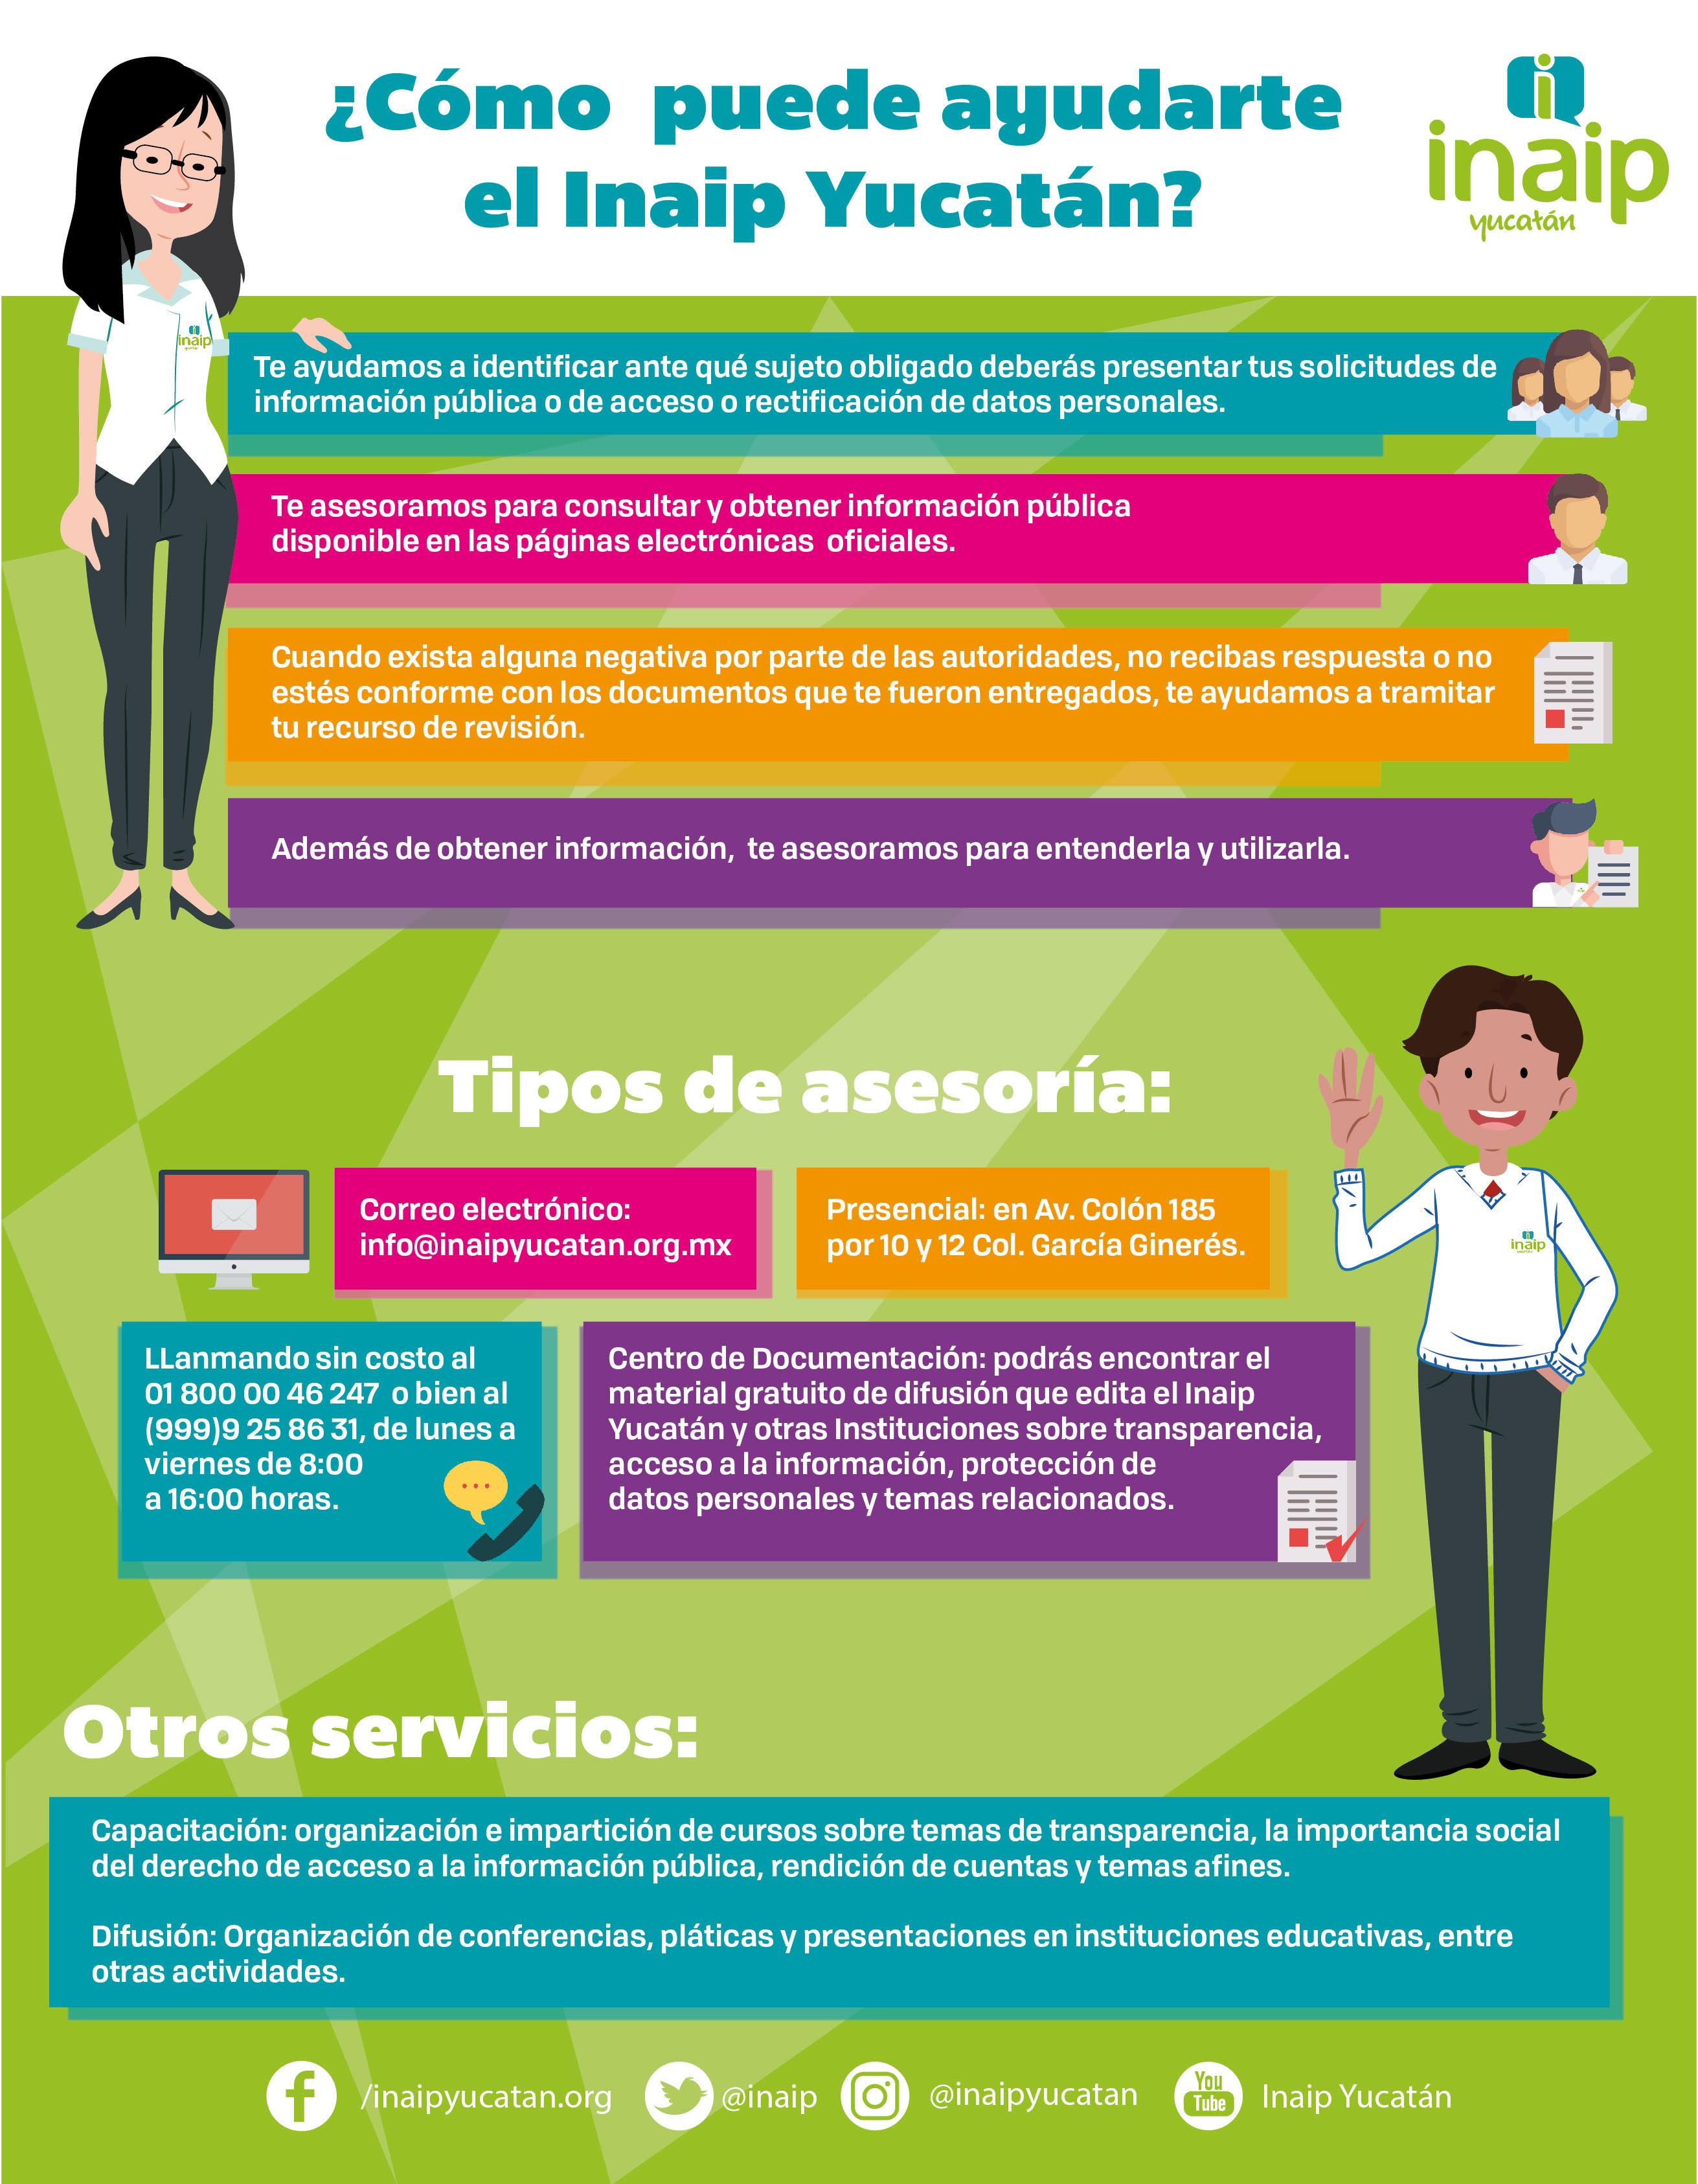 ¿Cómo puede ayudarte el Inaip Yucatán?